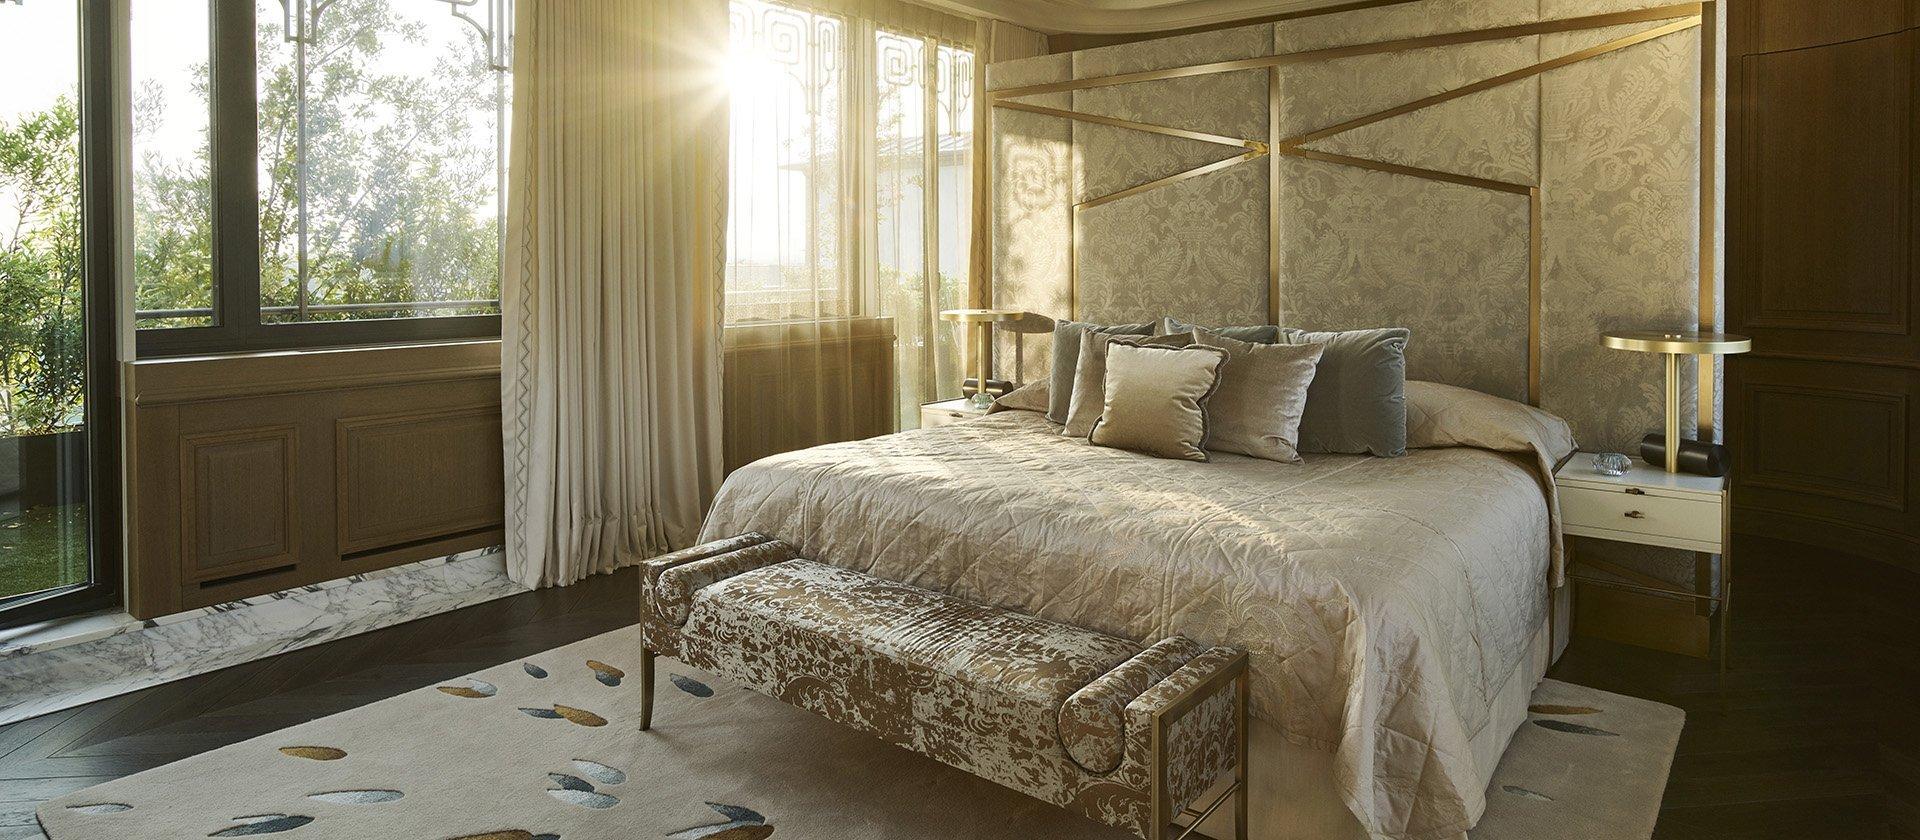 La Maison Du Dressing belle etoile penthouse suite with terrace | dorchester